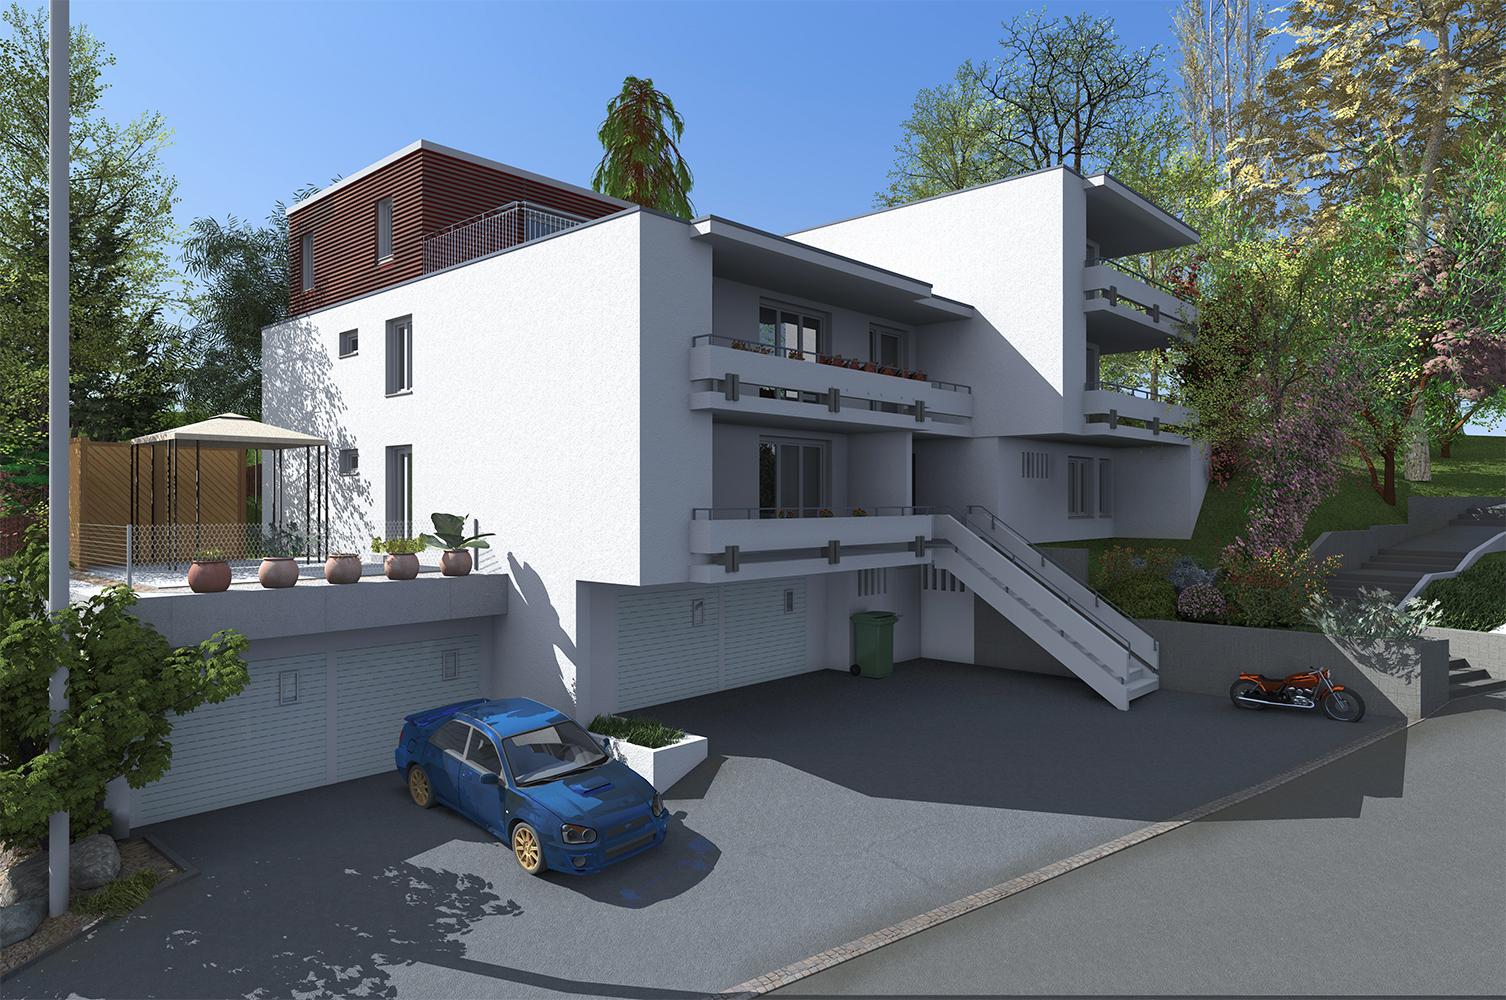 Kirchstrasse Render 1.jpg